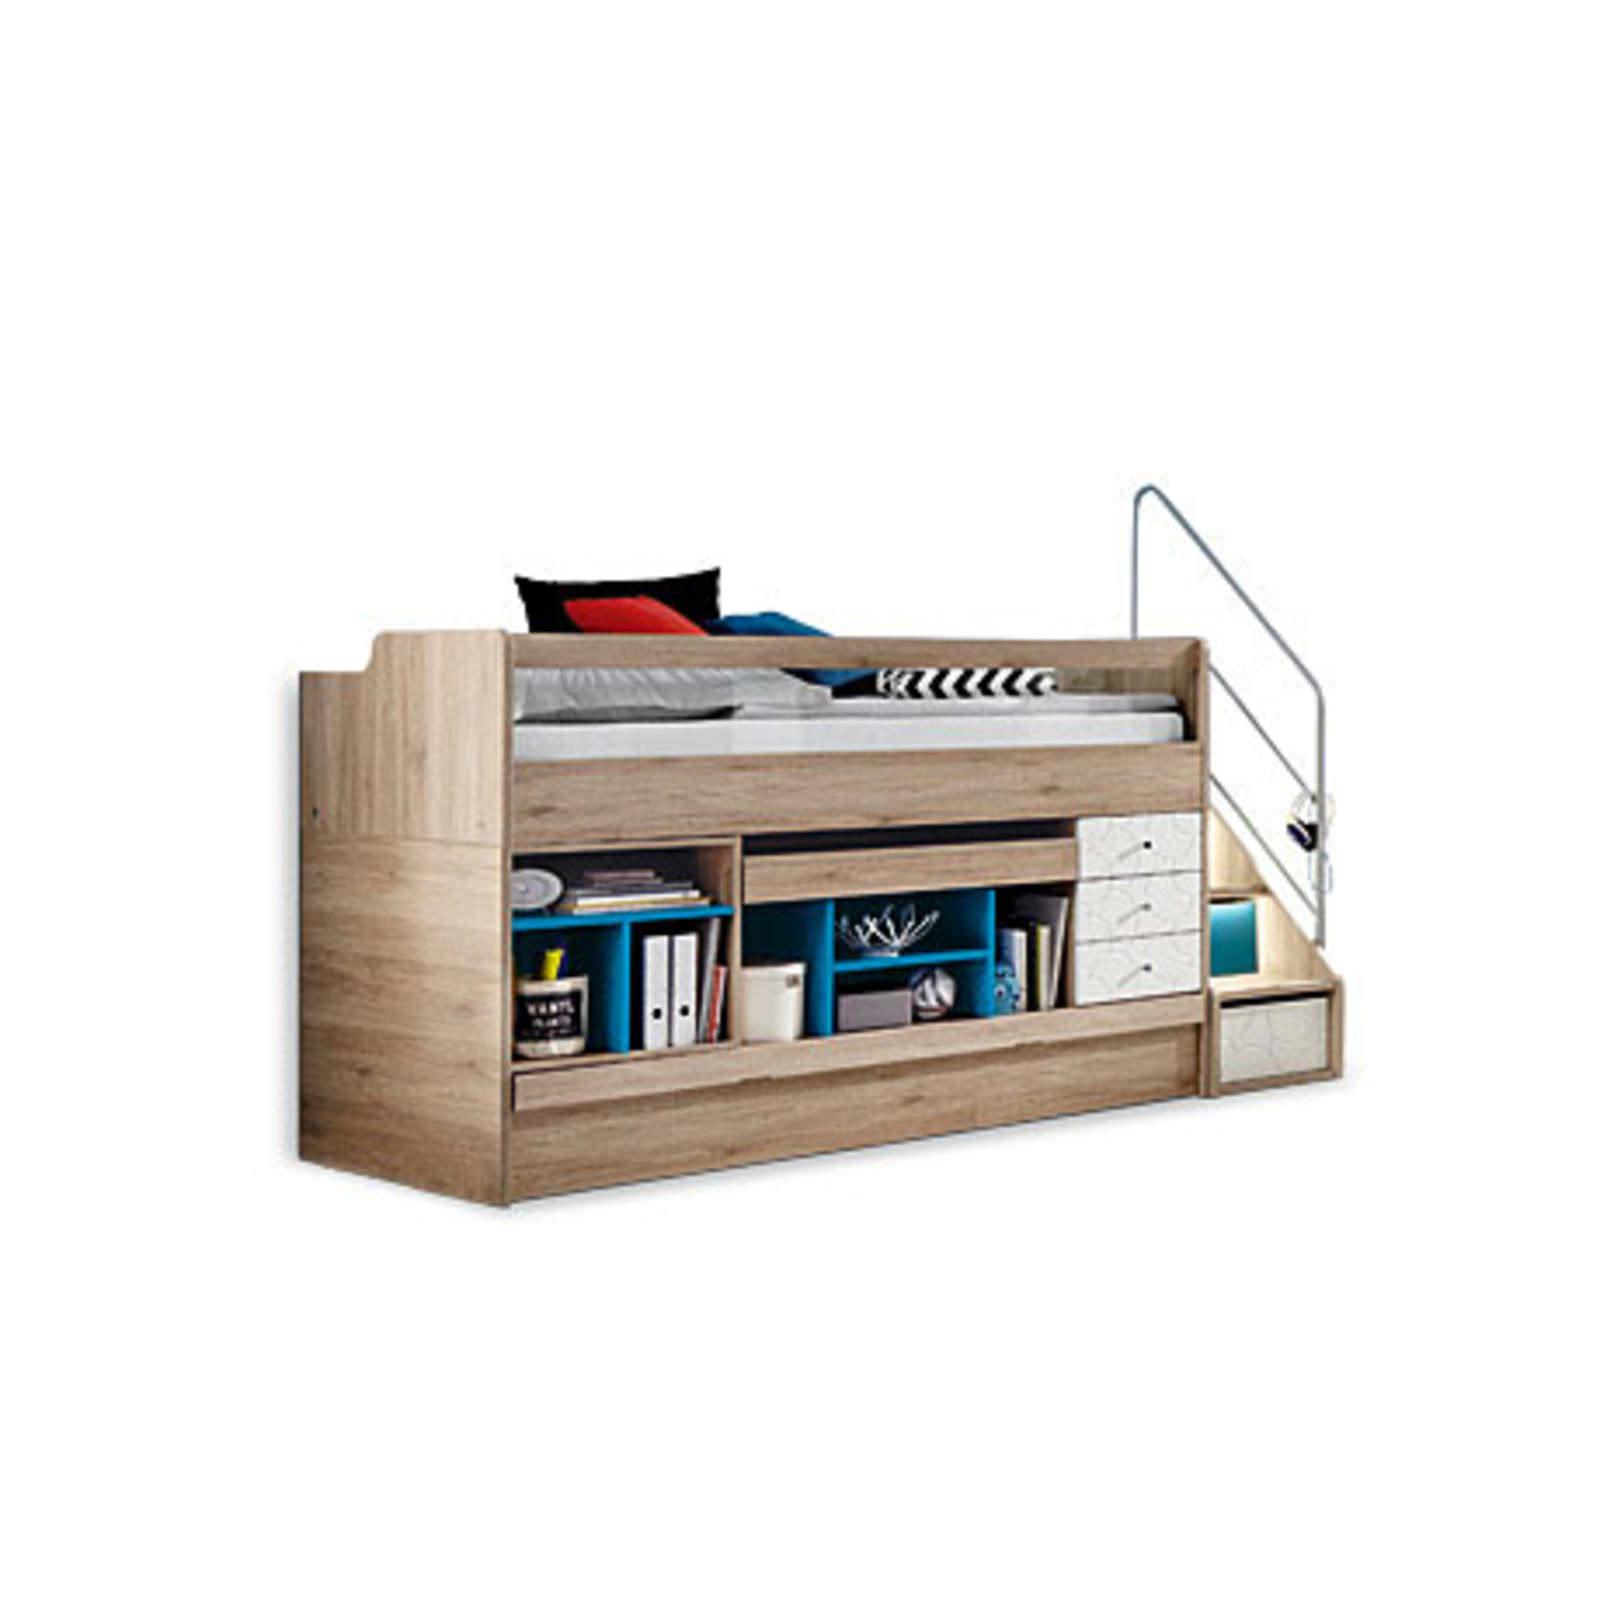 Küchen Kevelaer ist perfekt ideen für ihr haus design ideen